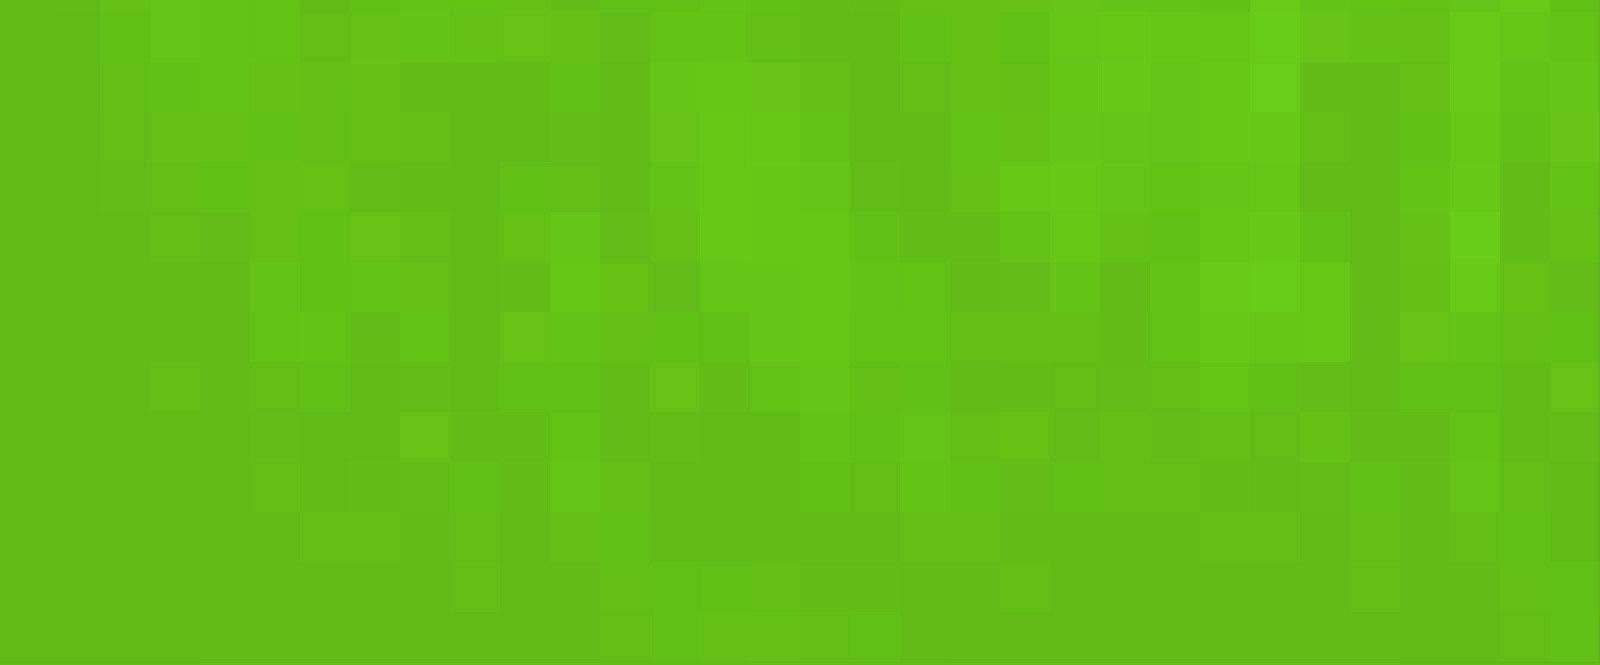 bg_verde-001